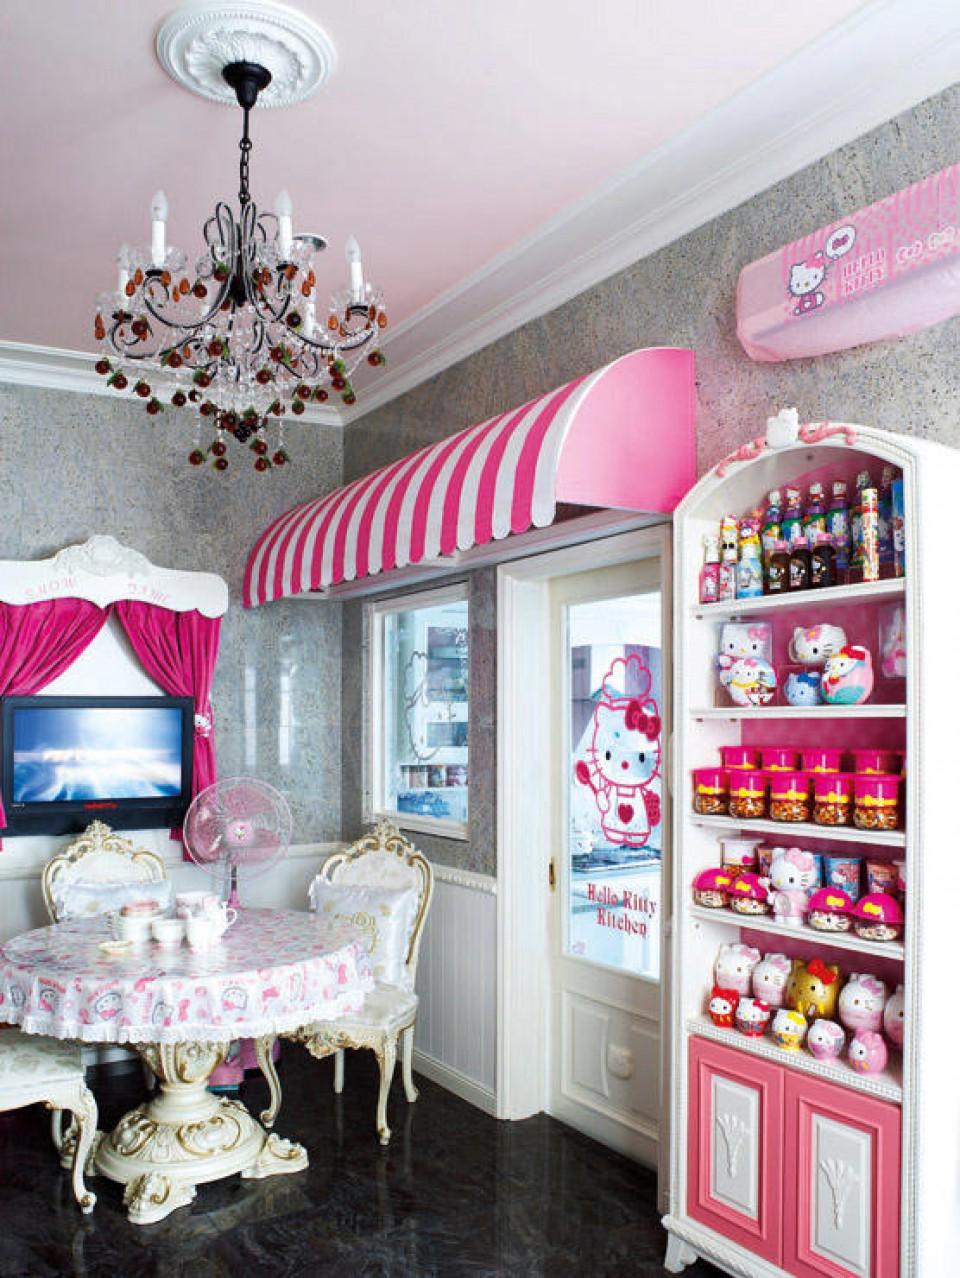 Rumah Tema Hello Kitty Dari Hiasan Sampai Furniture Serba Pink Dan